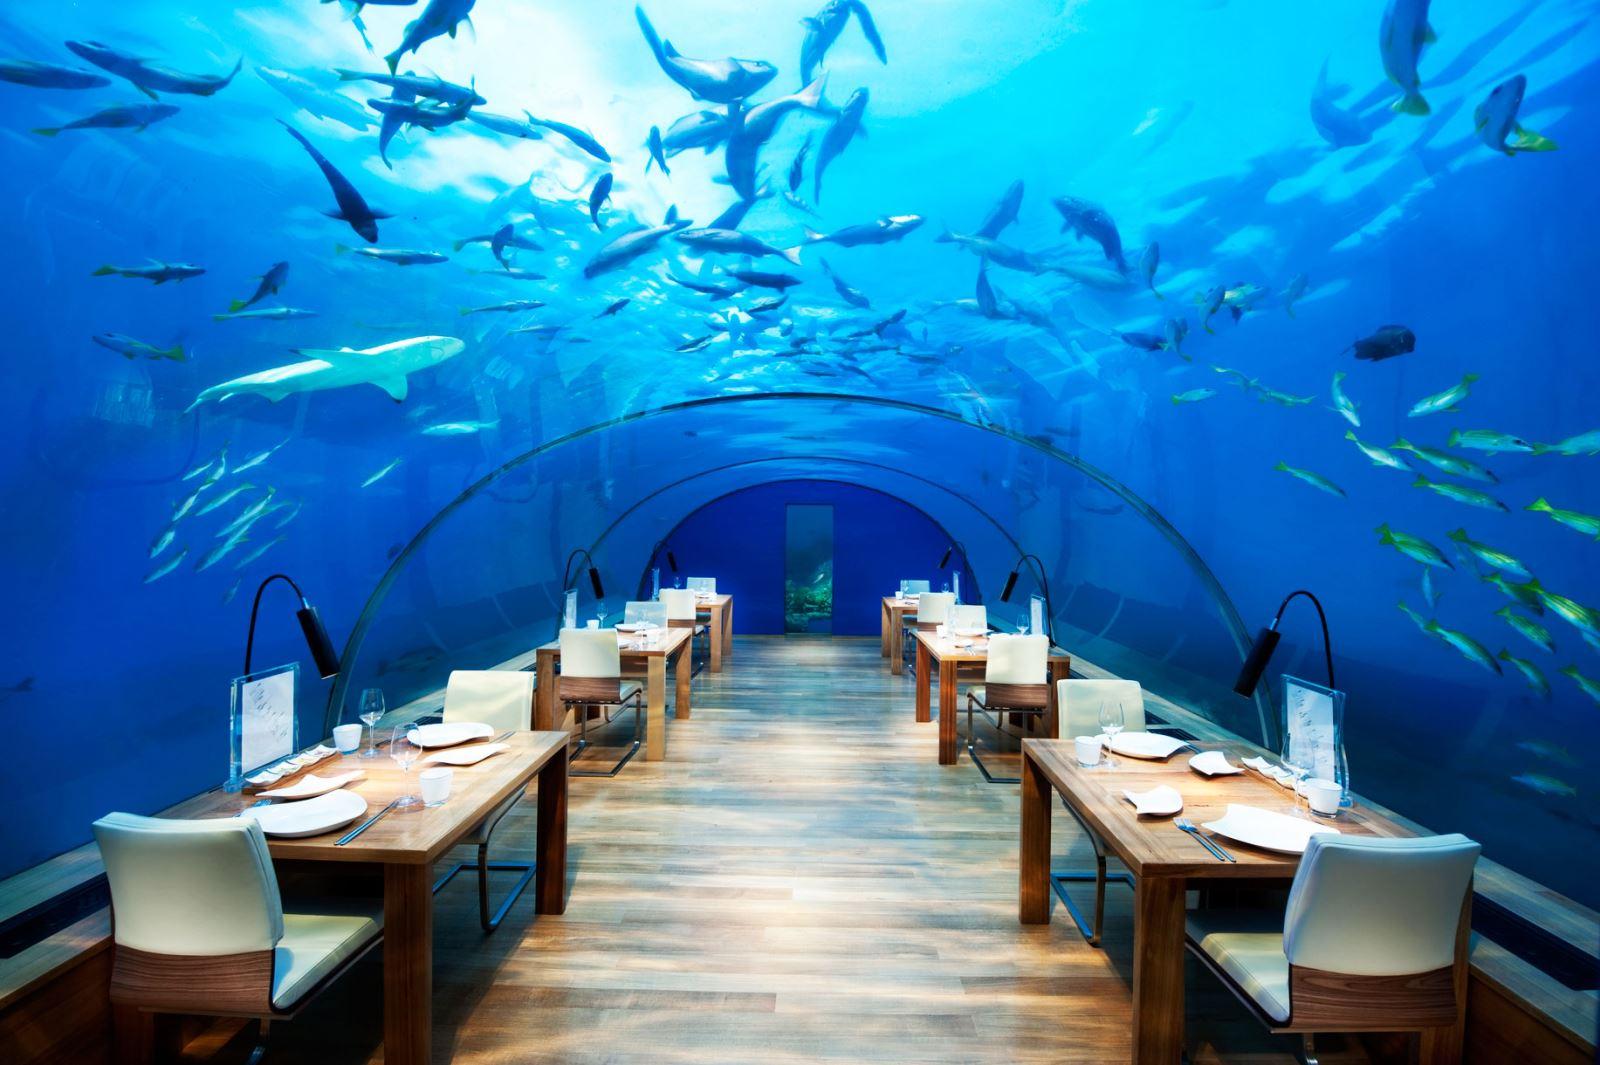 【海上栈桥 水下餐厅】马尔代夫港丽岛酒店6天4晚自由行